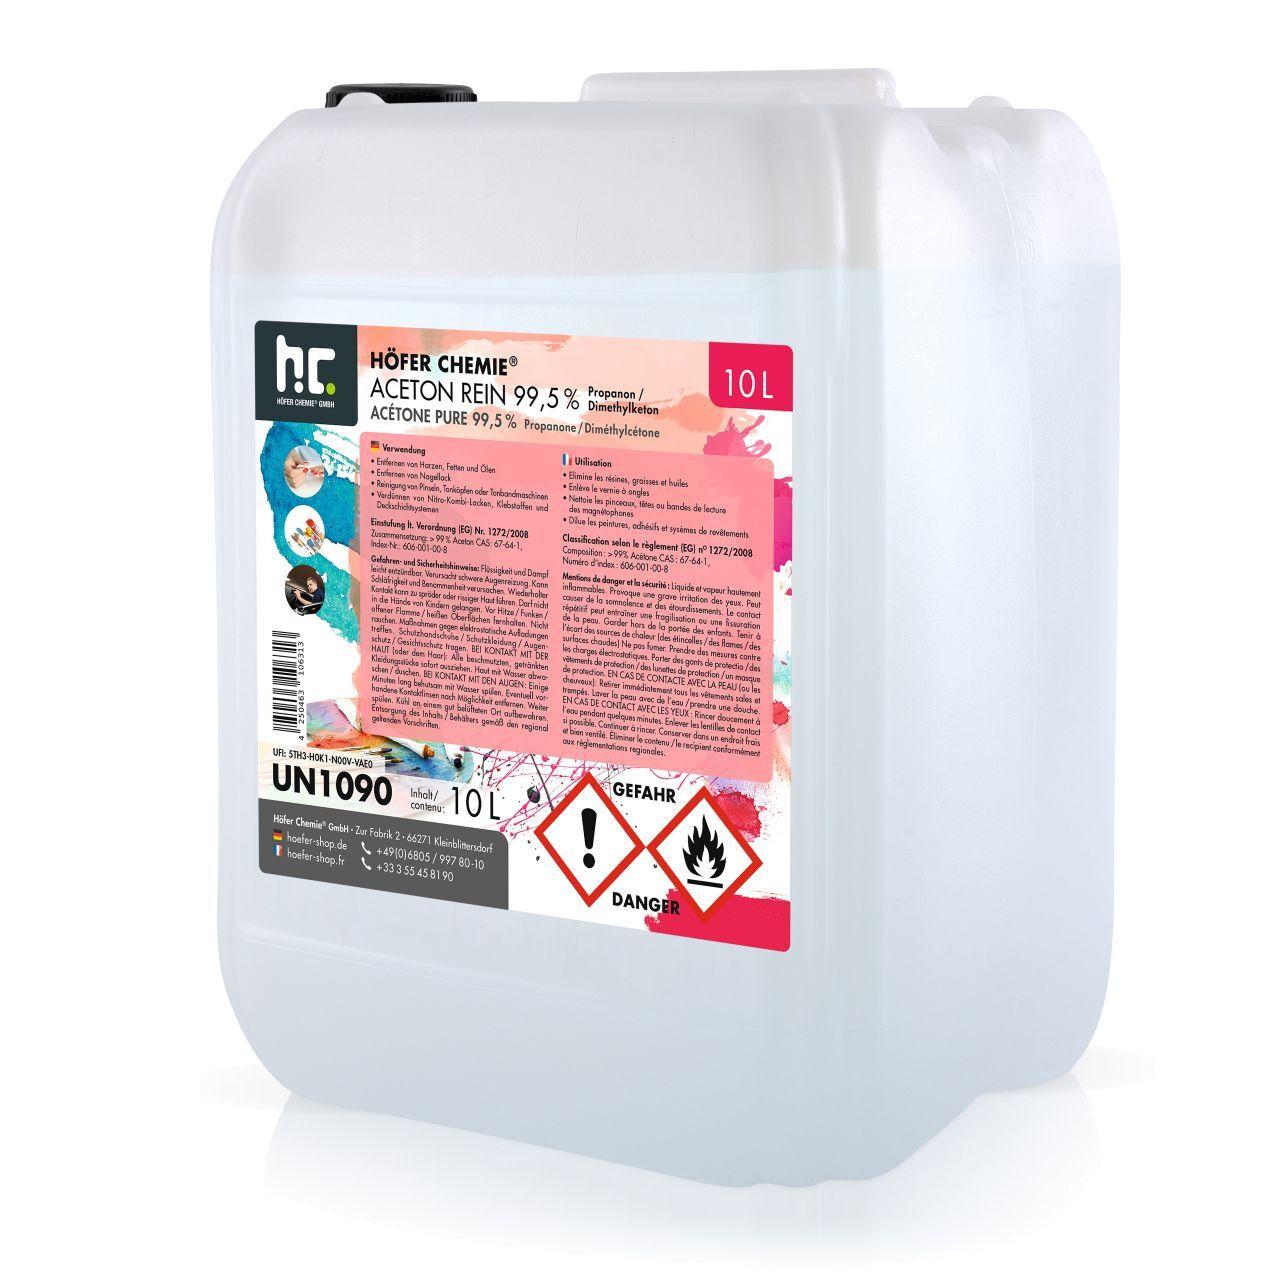 Höfer Chemie 30 l Acétone pur 99,5% (3 x 10 l)